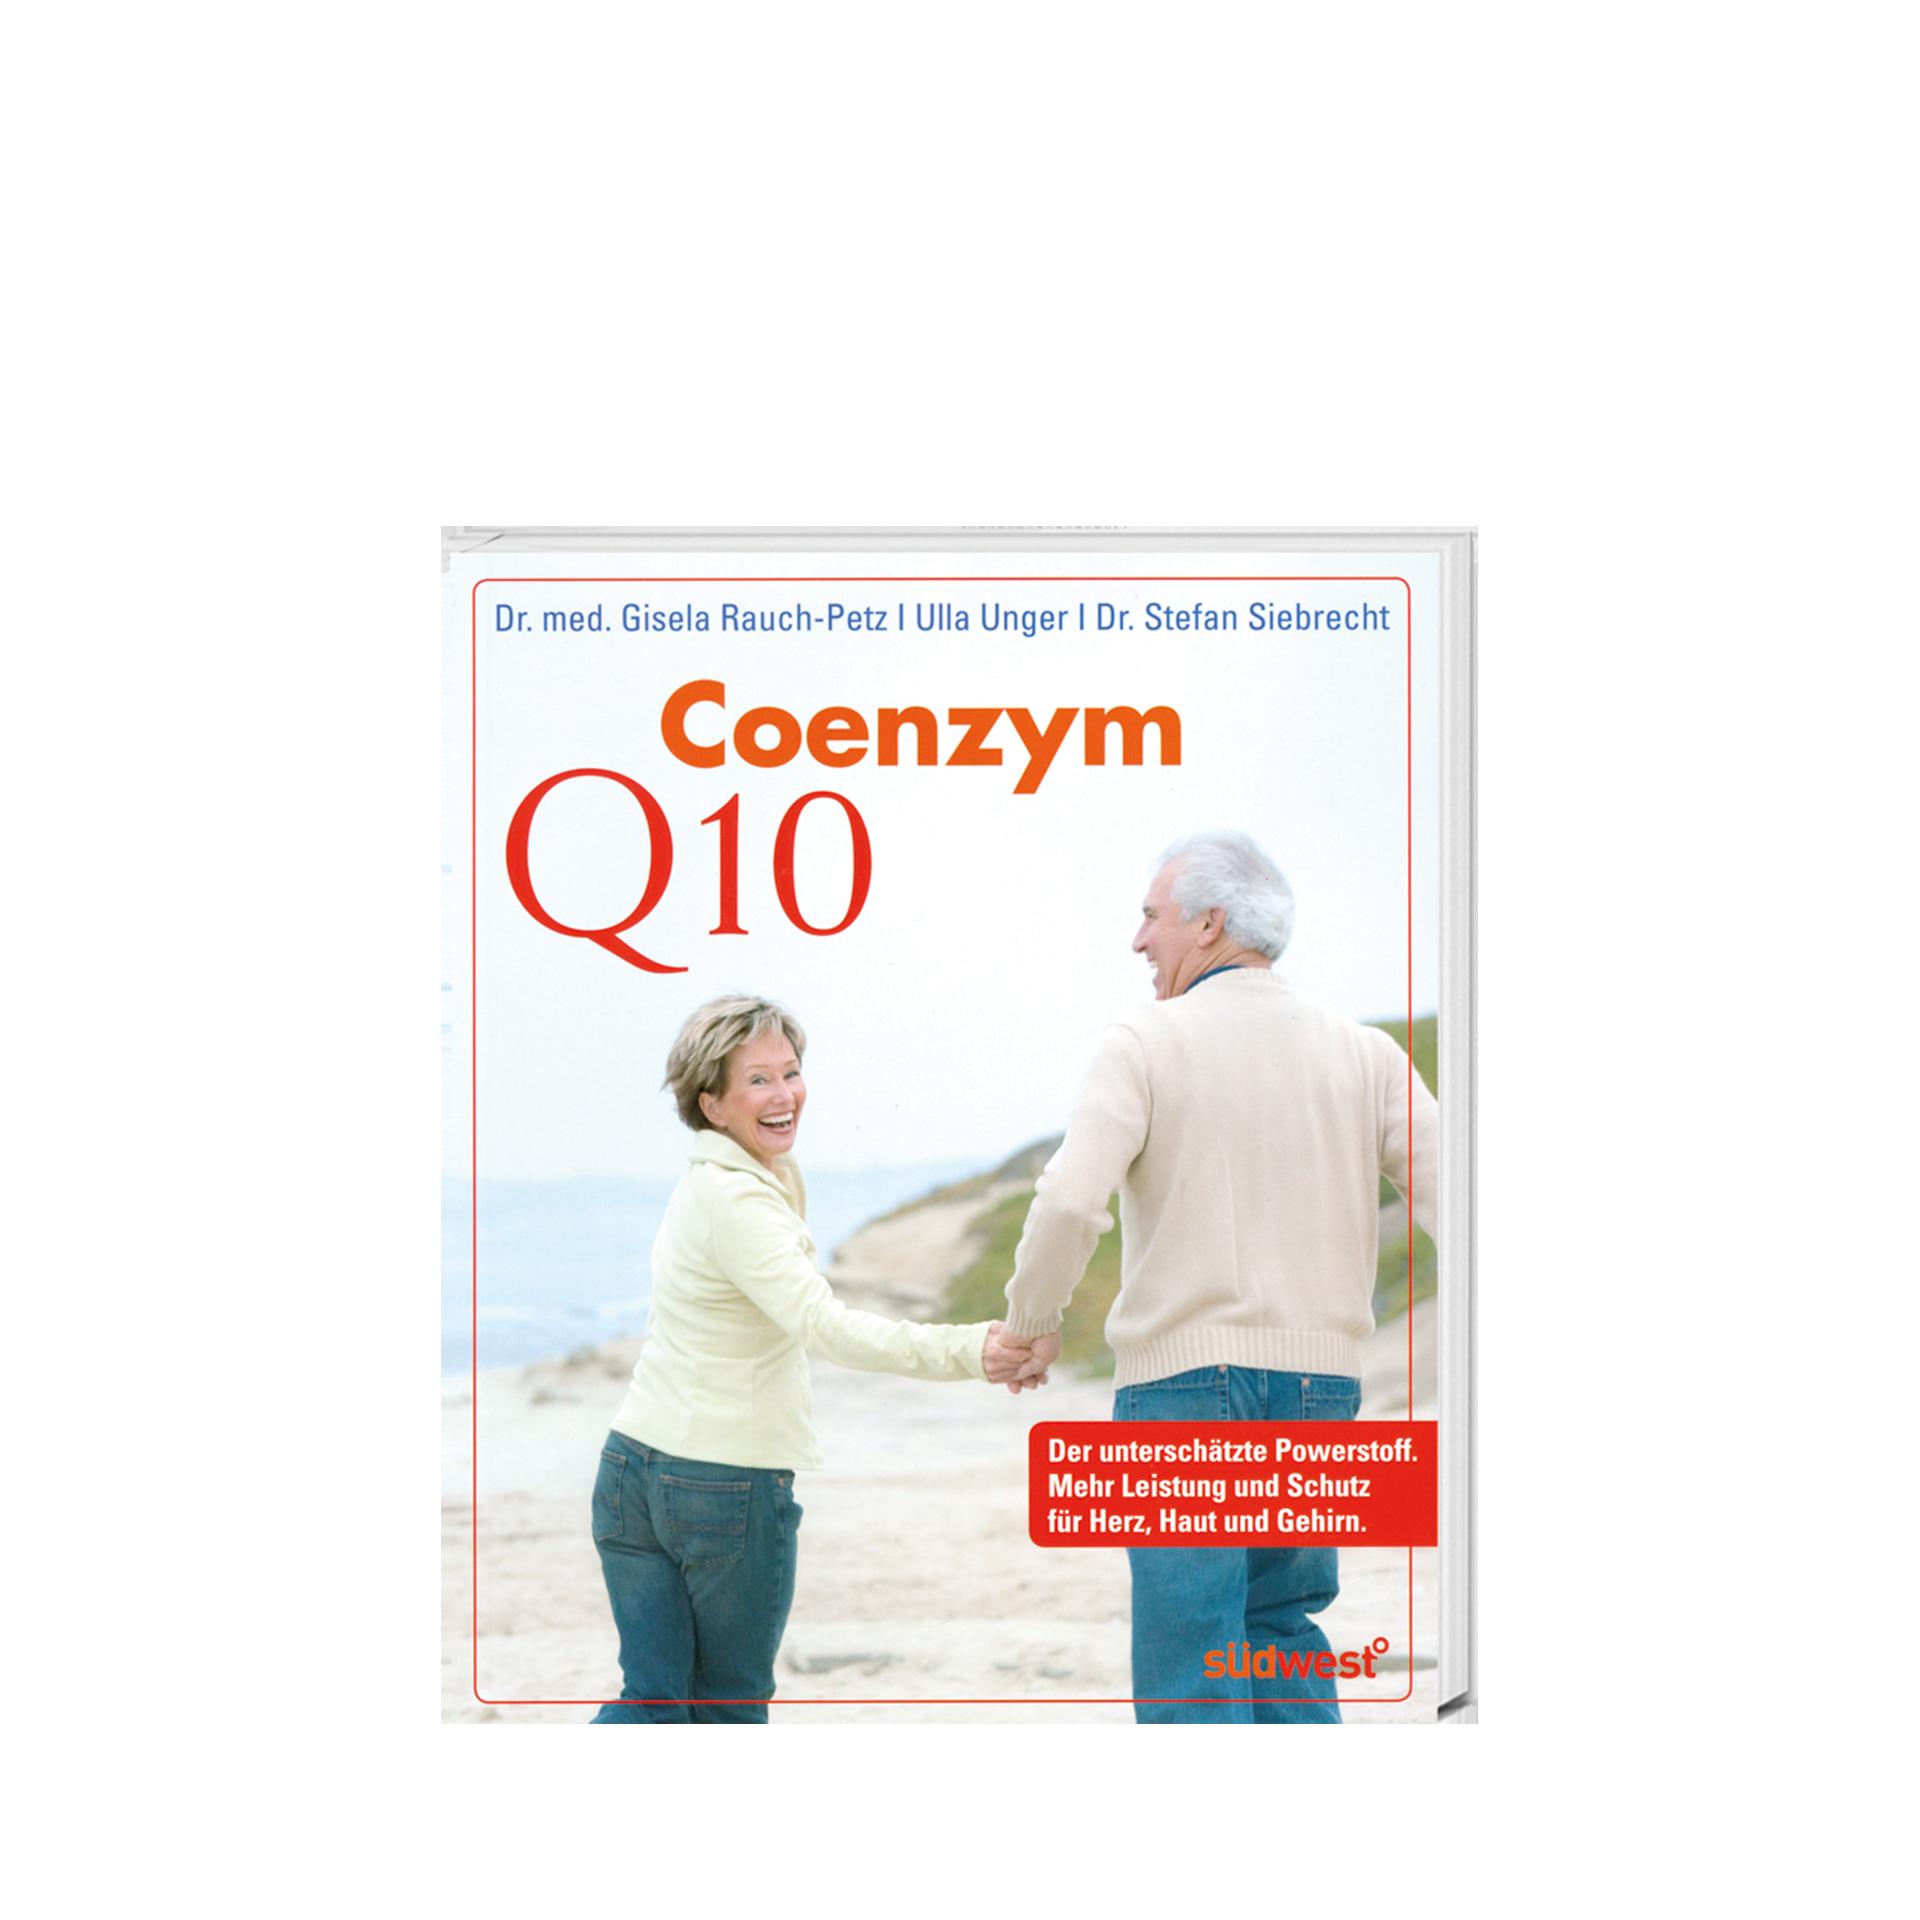 Coenzym Q10, 112 Seiten